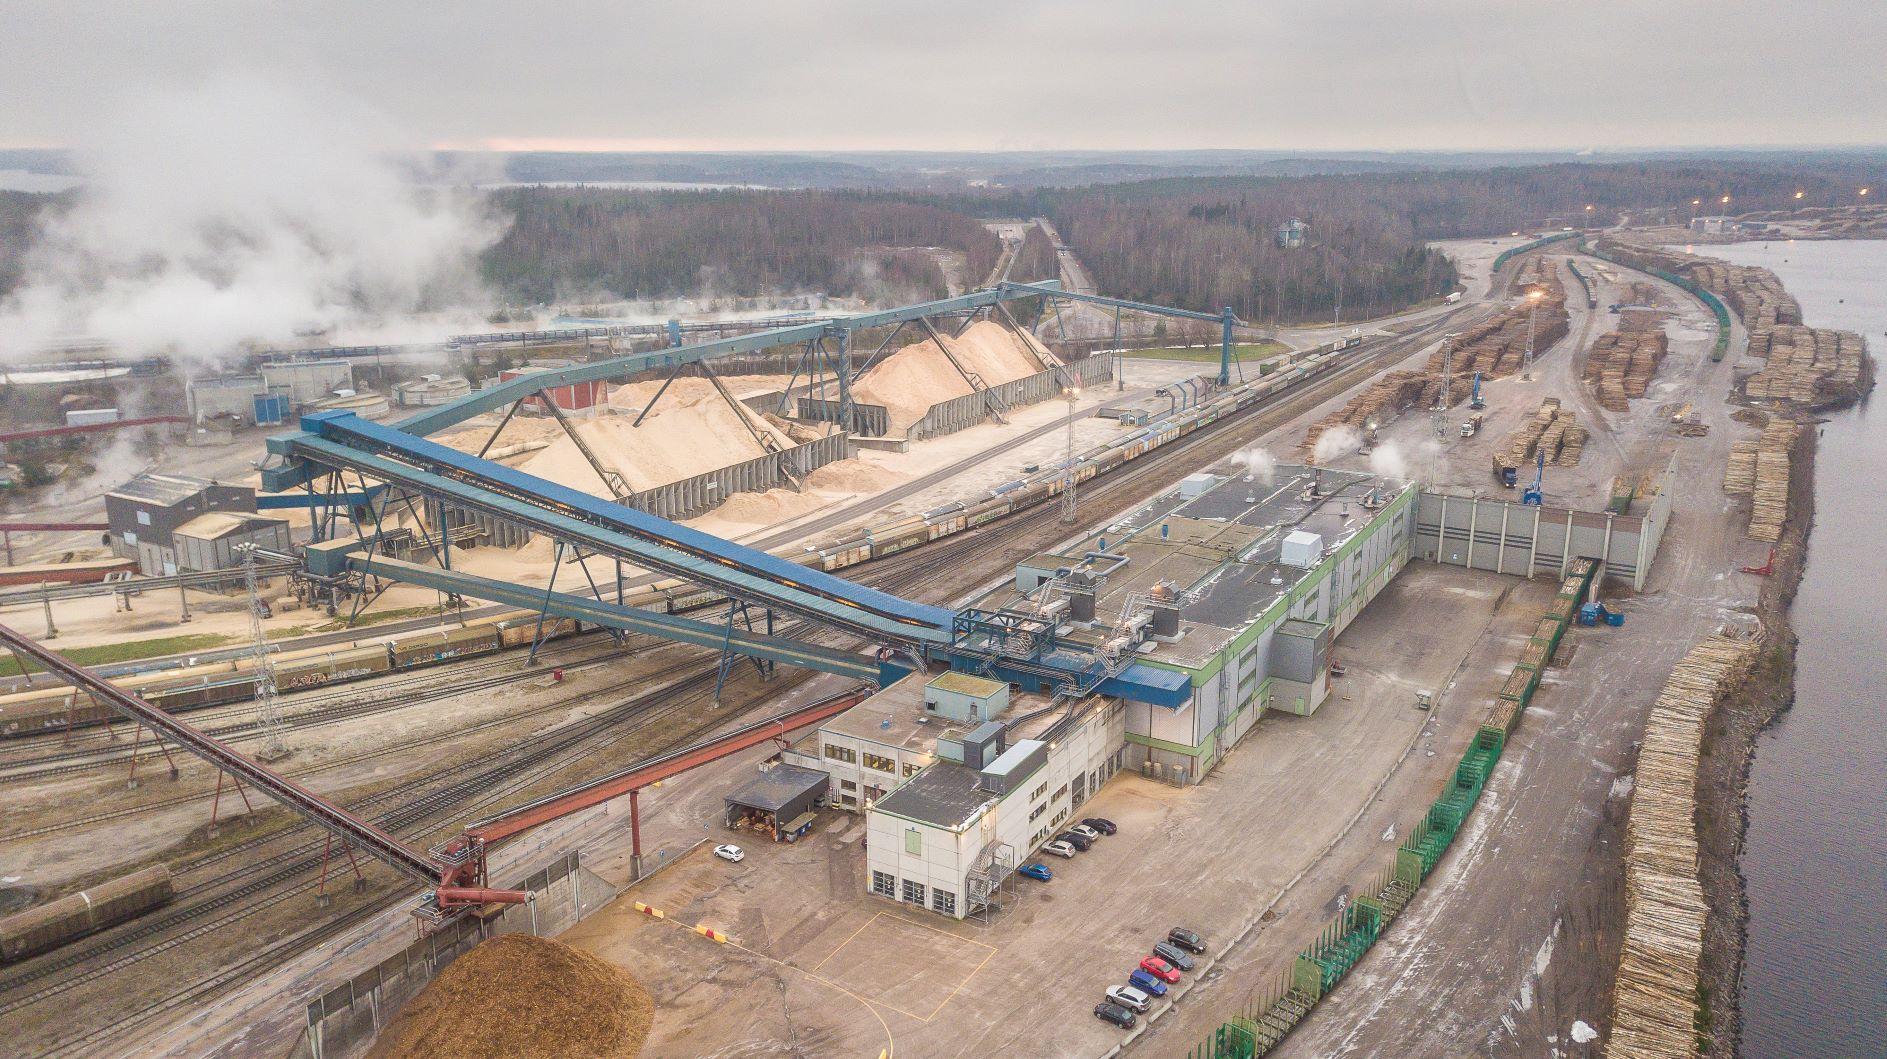 Imatran tehtaiden puunkäsittely keskitetään Kaukopään tuotantoyksikön puolelle. Hakevarastot siirtyvät avokentältä siiloihin.